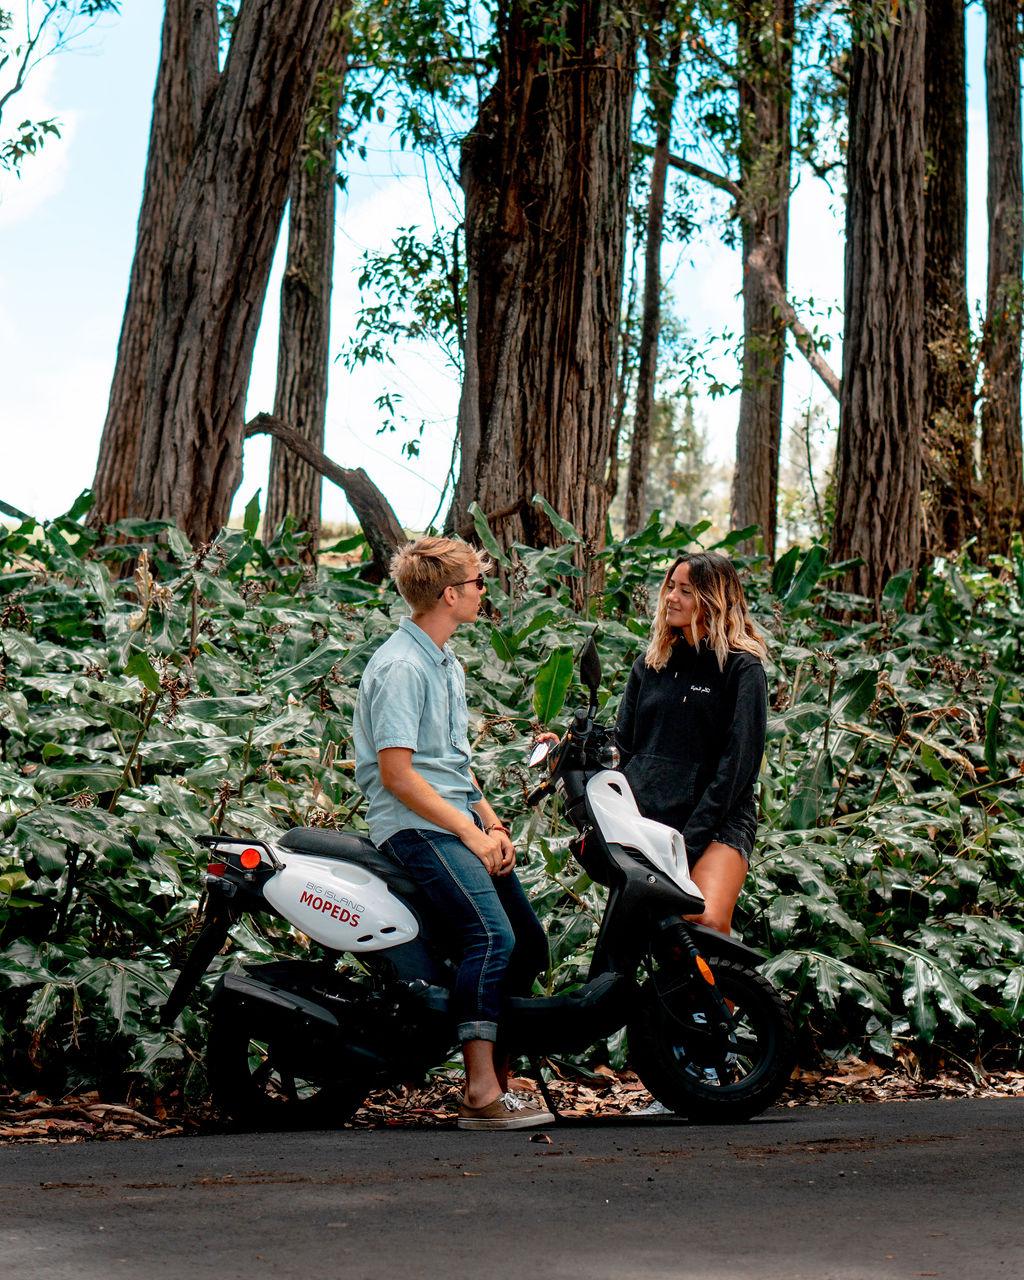 Big Island Kona Moped Rentals Fleet